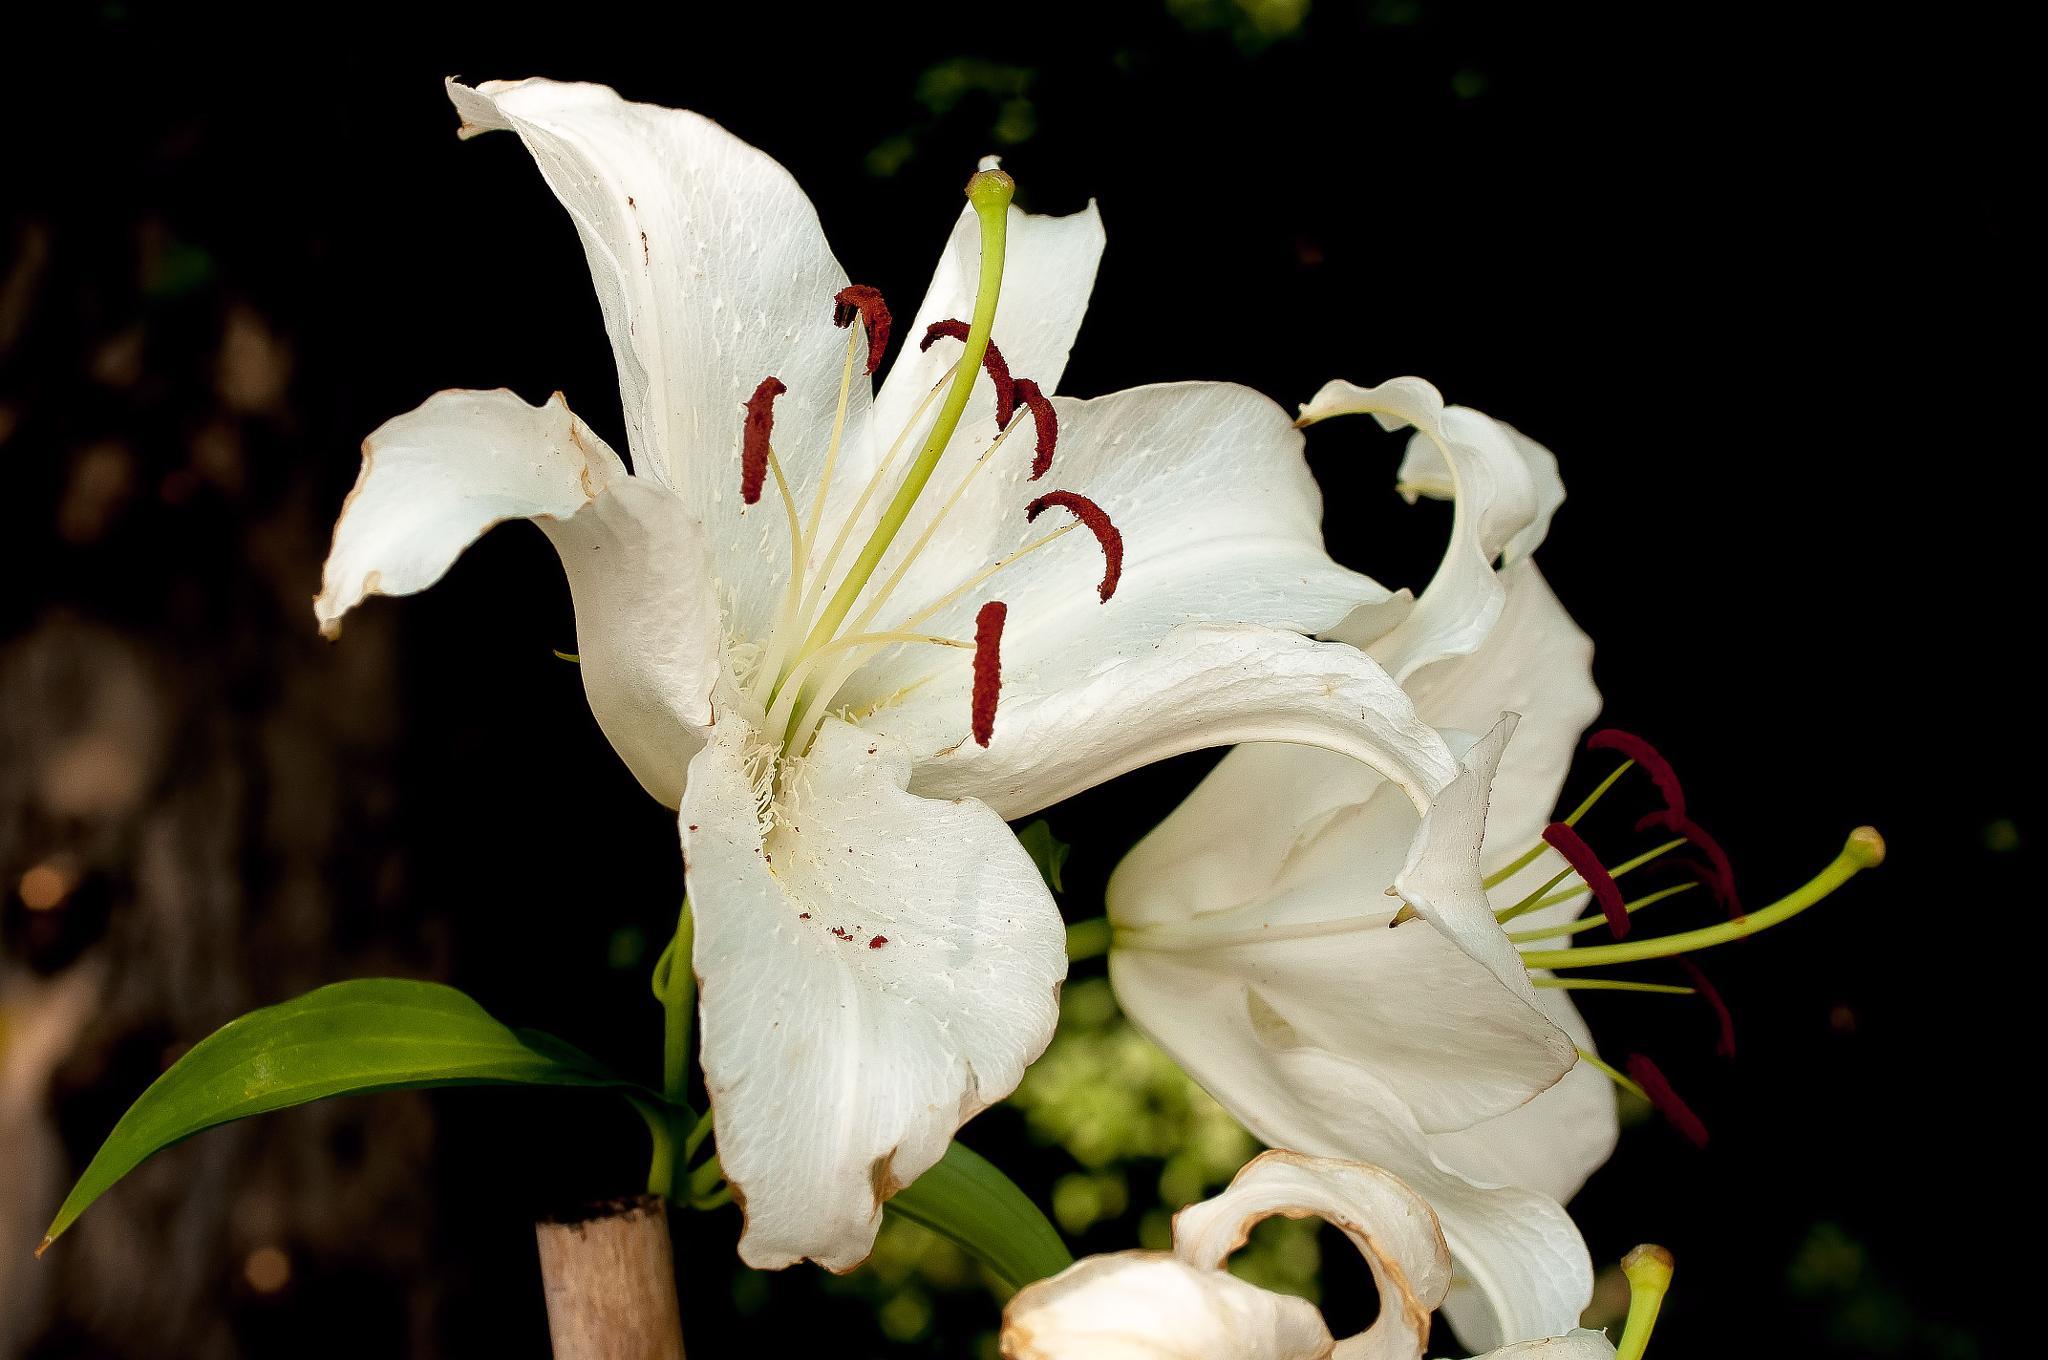 White Flower by steven.malecki.52